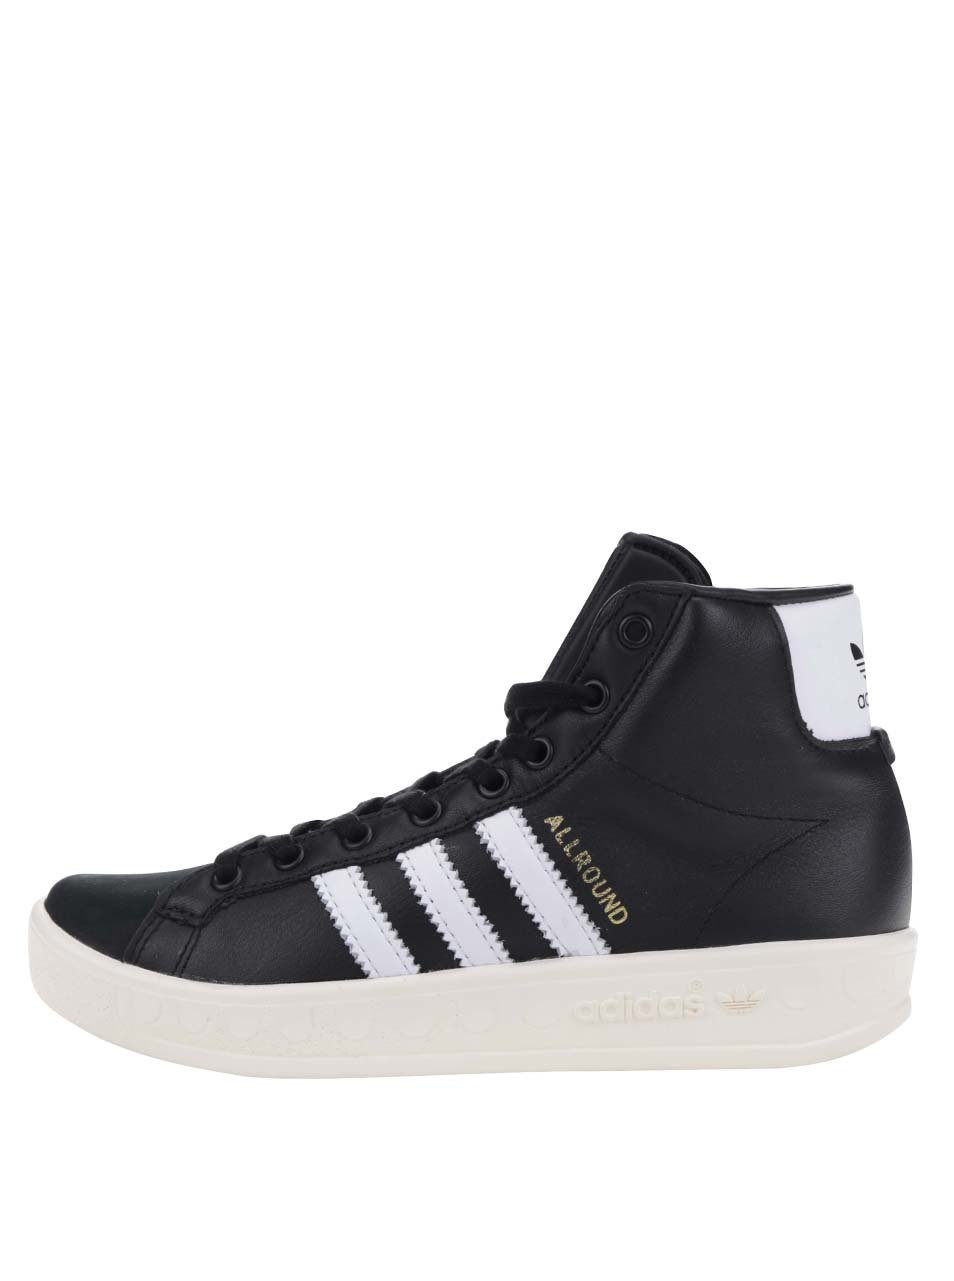 Černé dámské kožené tenisky adidas Originals AllRound